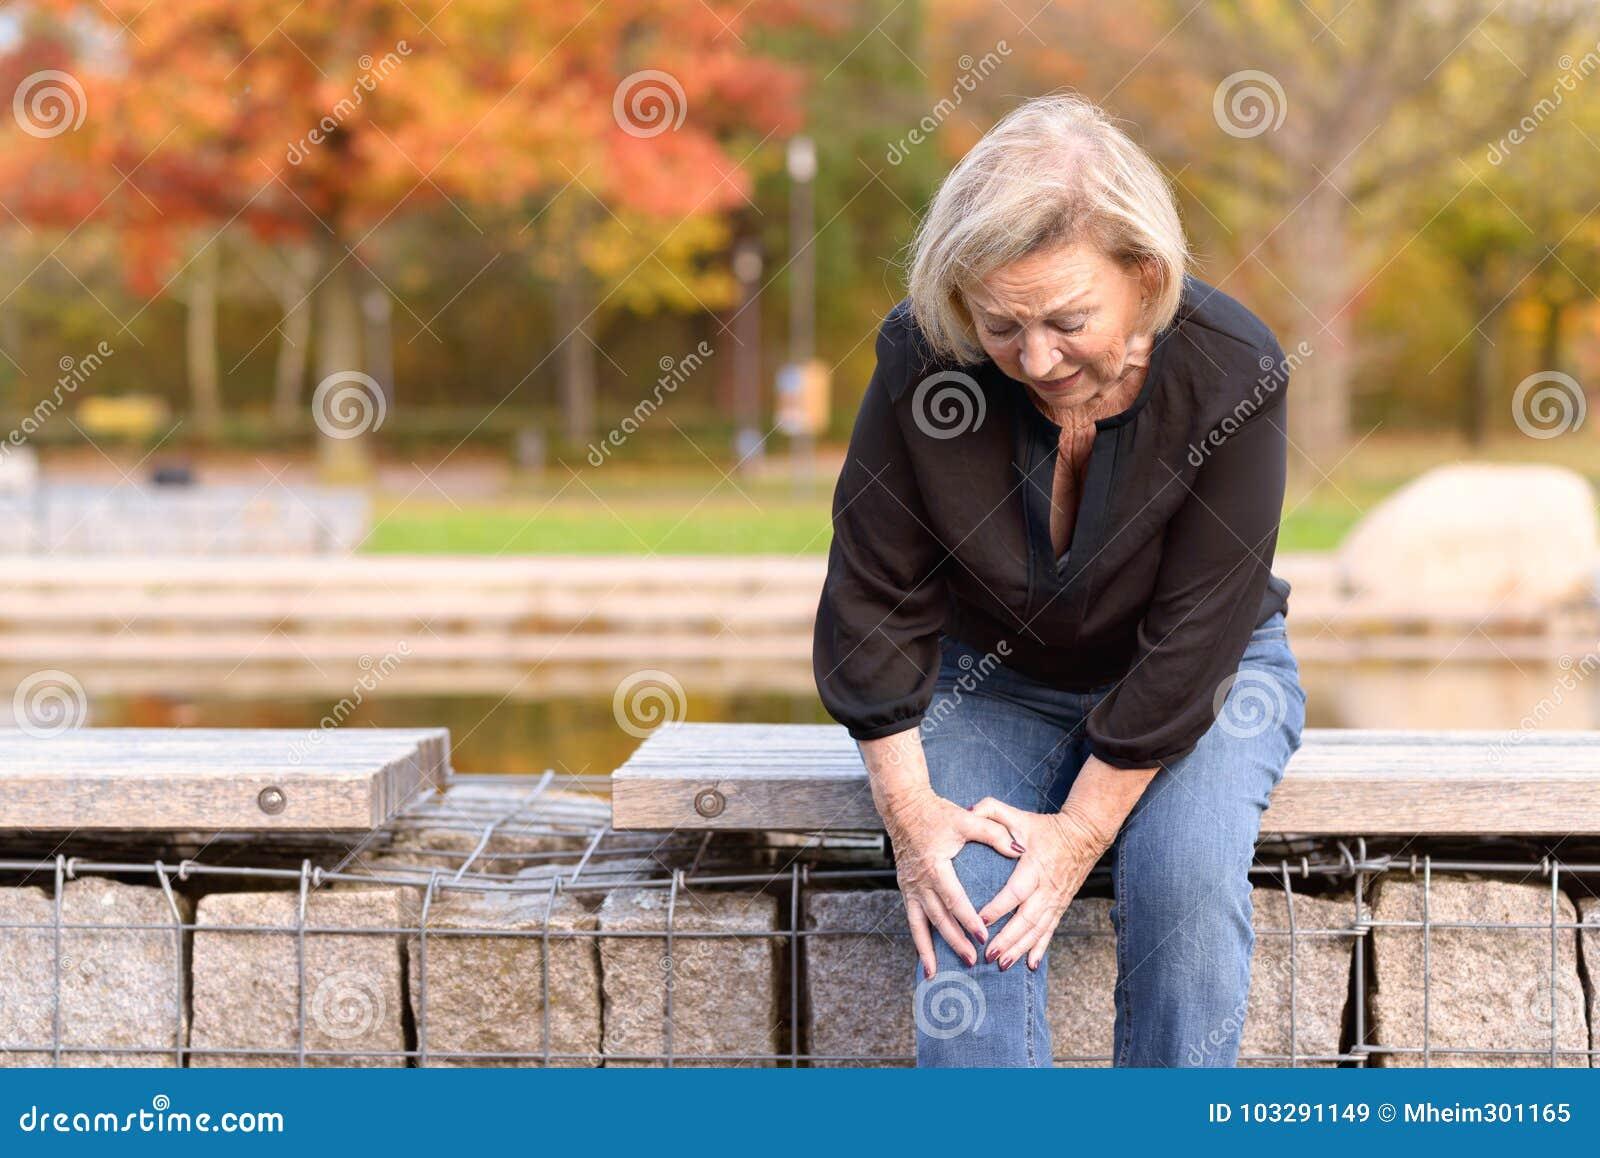 Ηλικιωμένη κυρία που αρπάζει το γόνατό της στον πόνο